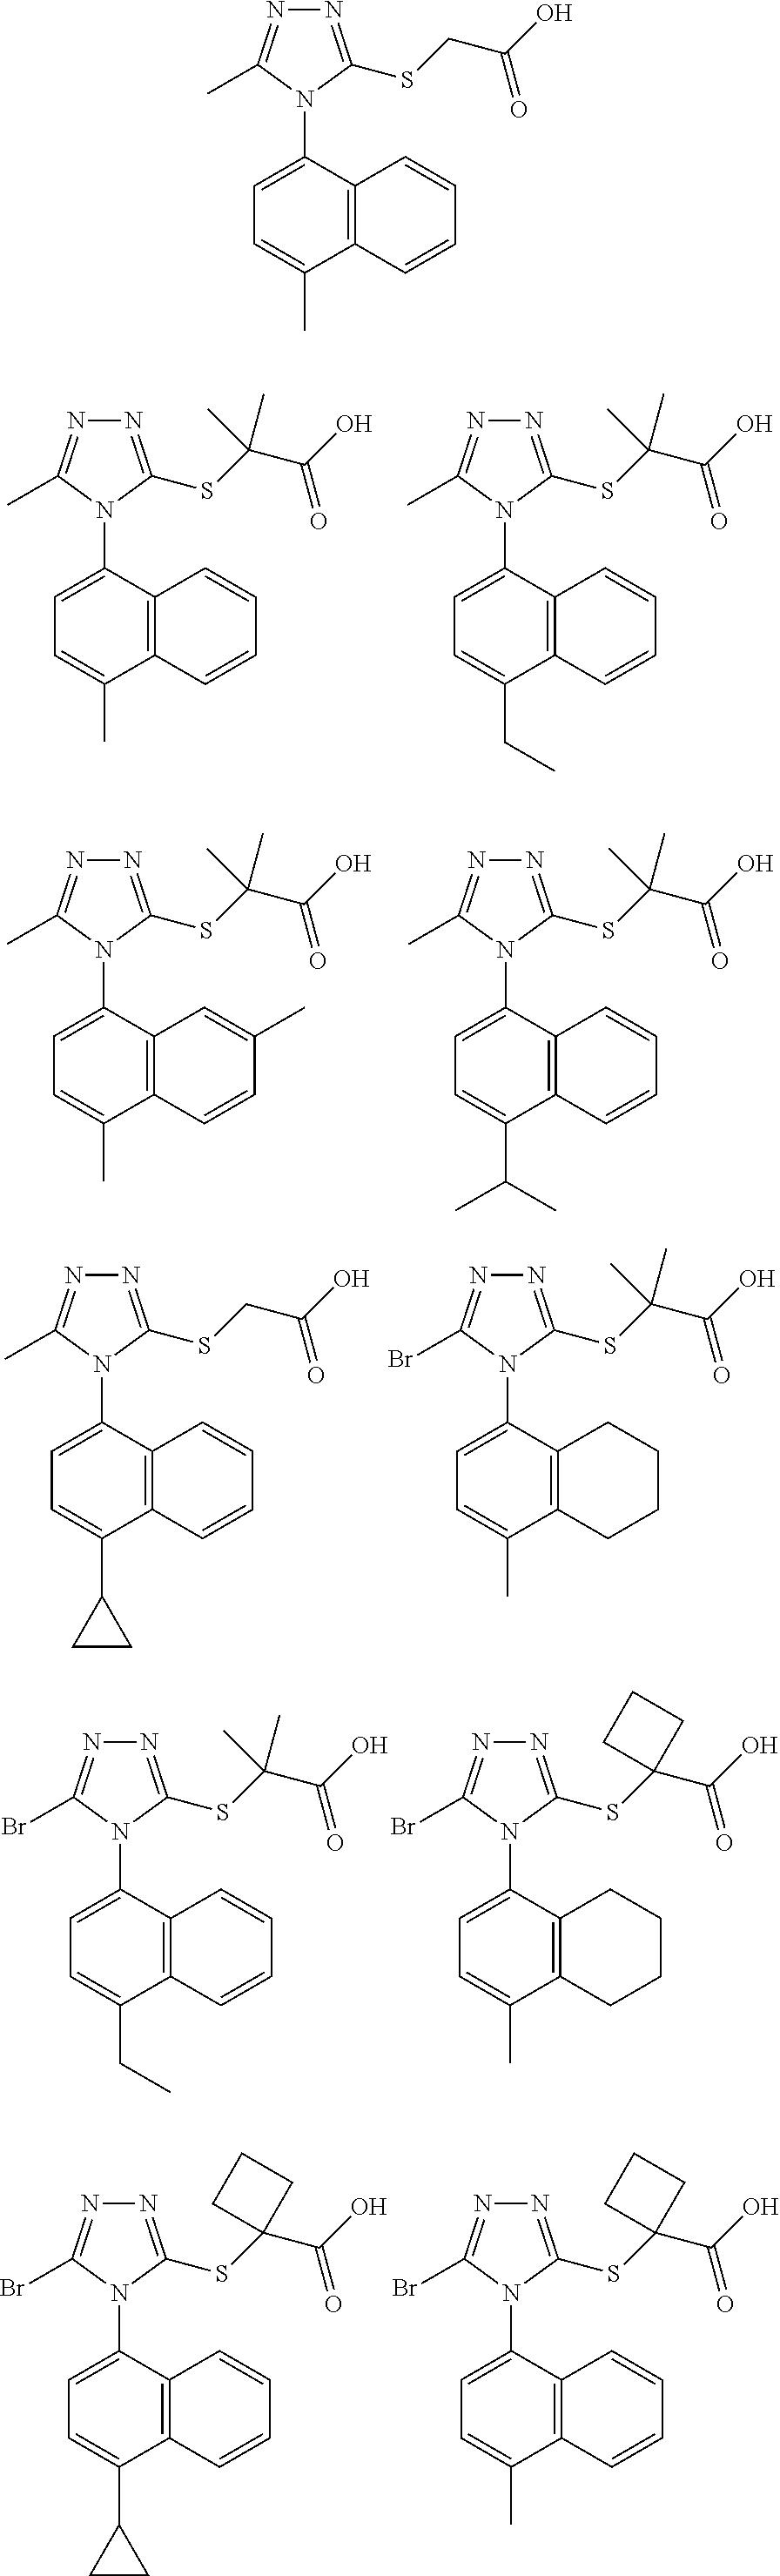 Figure US08283369-20121009-C00041